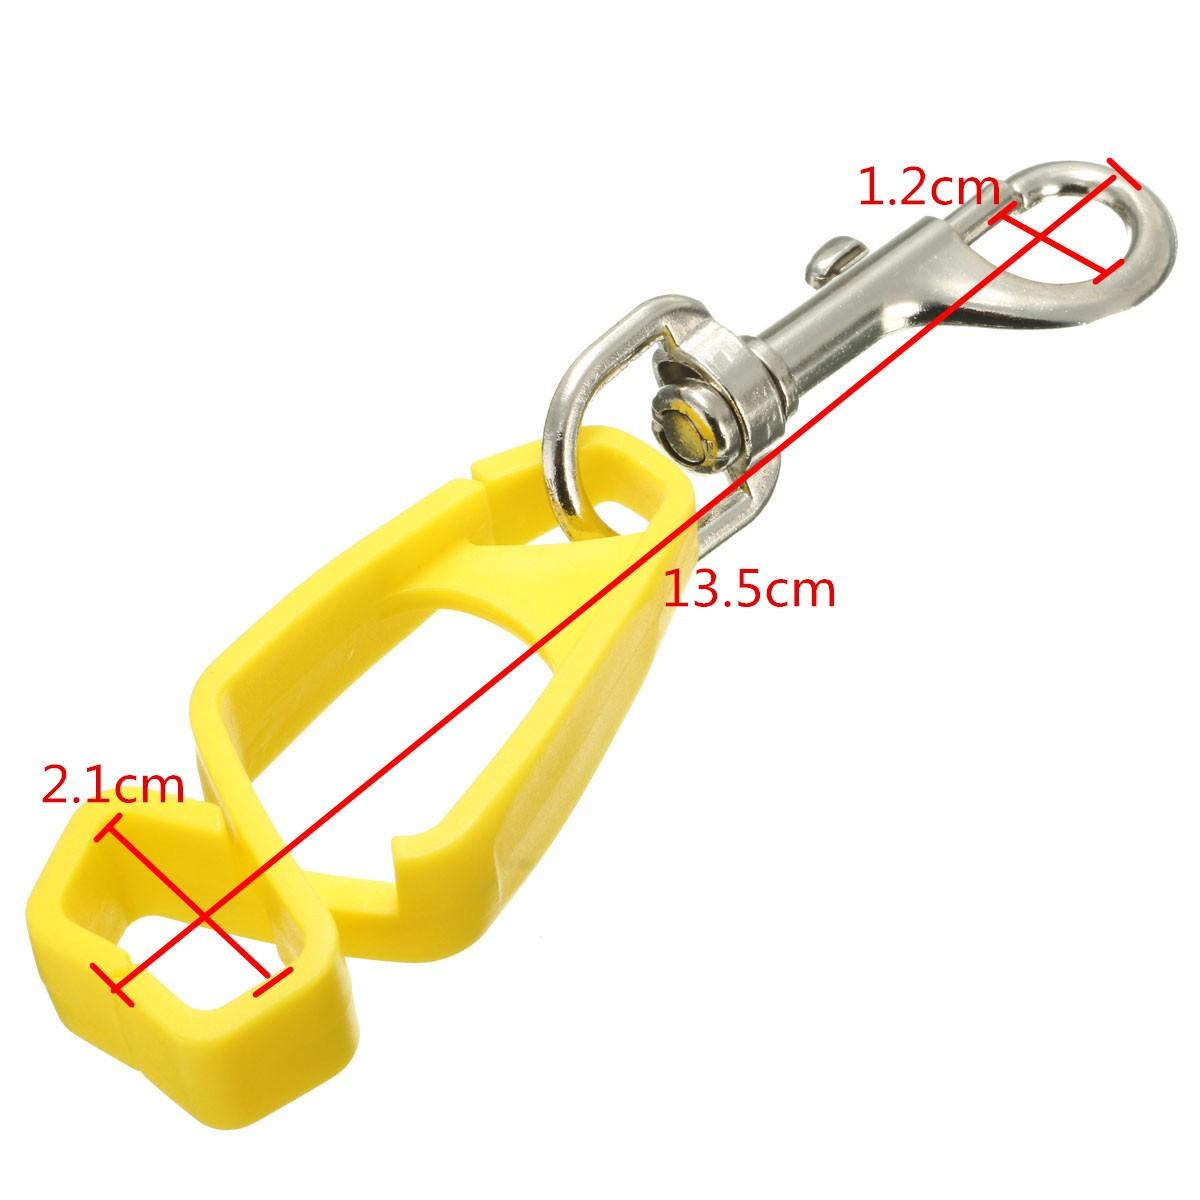 Gant protecteur clip pince crochet accroche pour travail ceinture pratique outil achat vente - Accroche photo pince ...